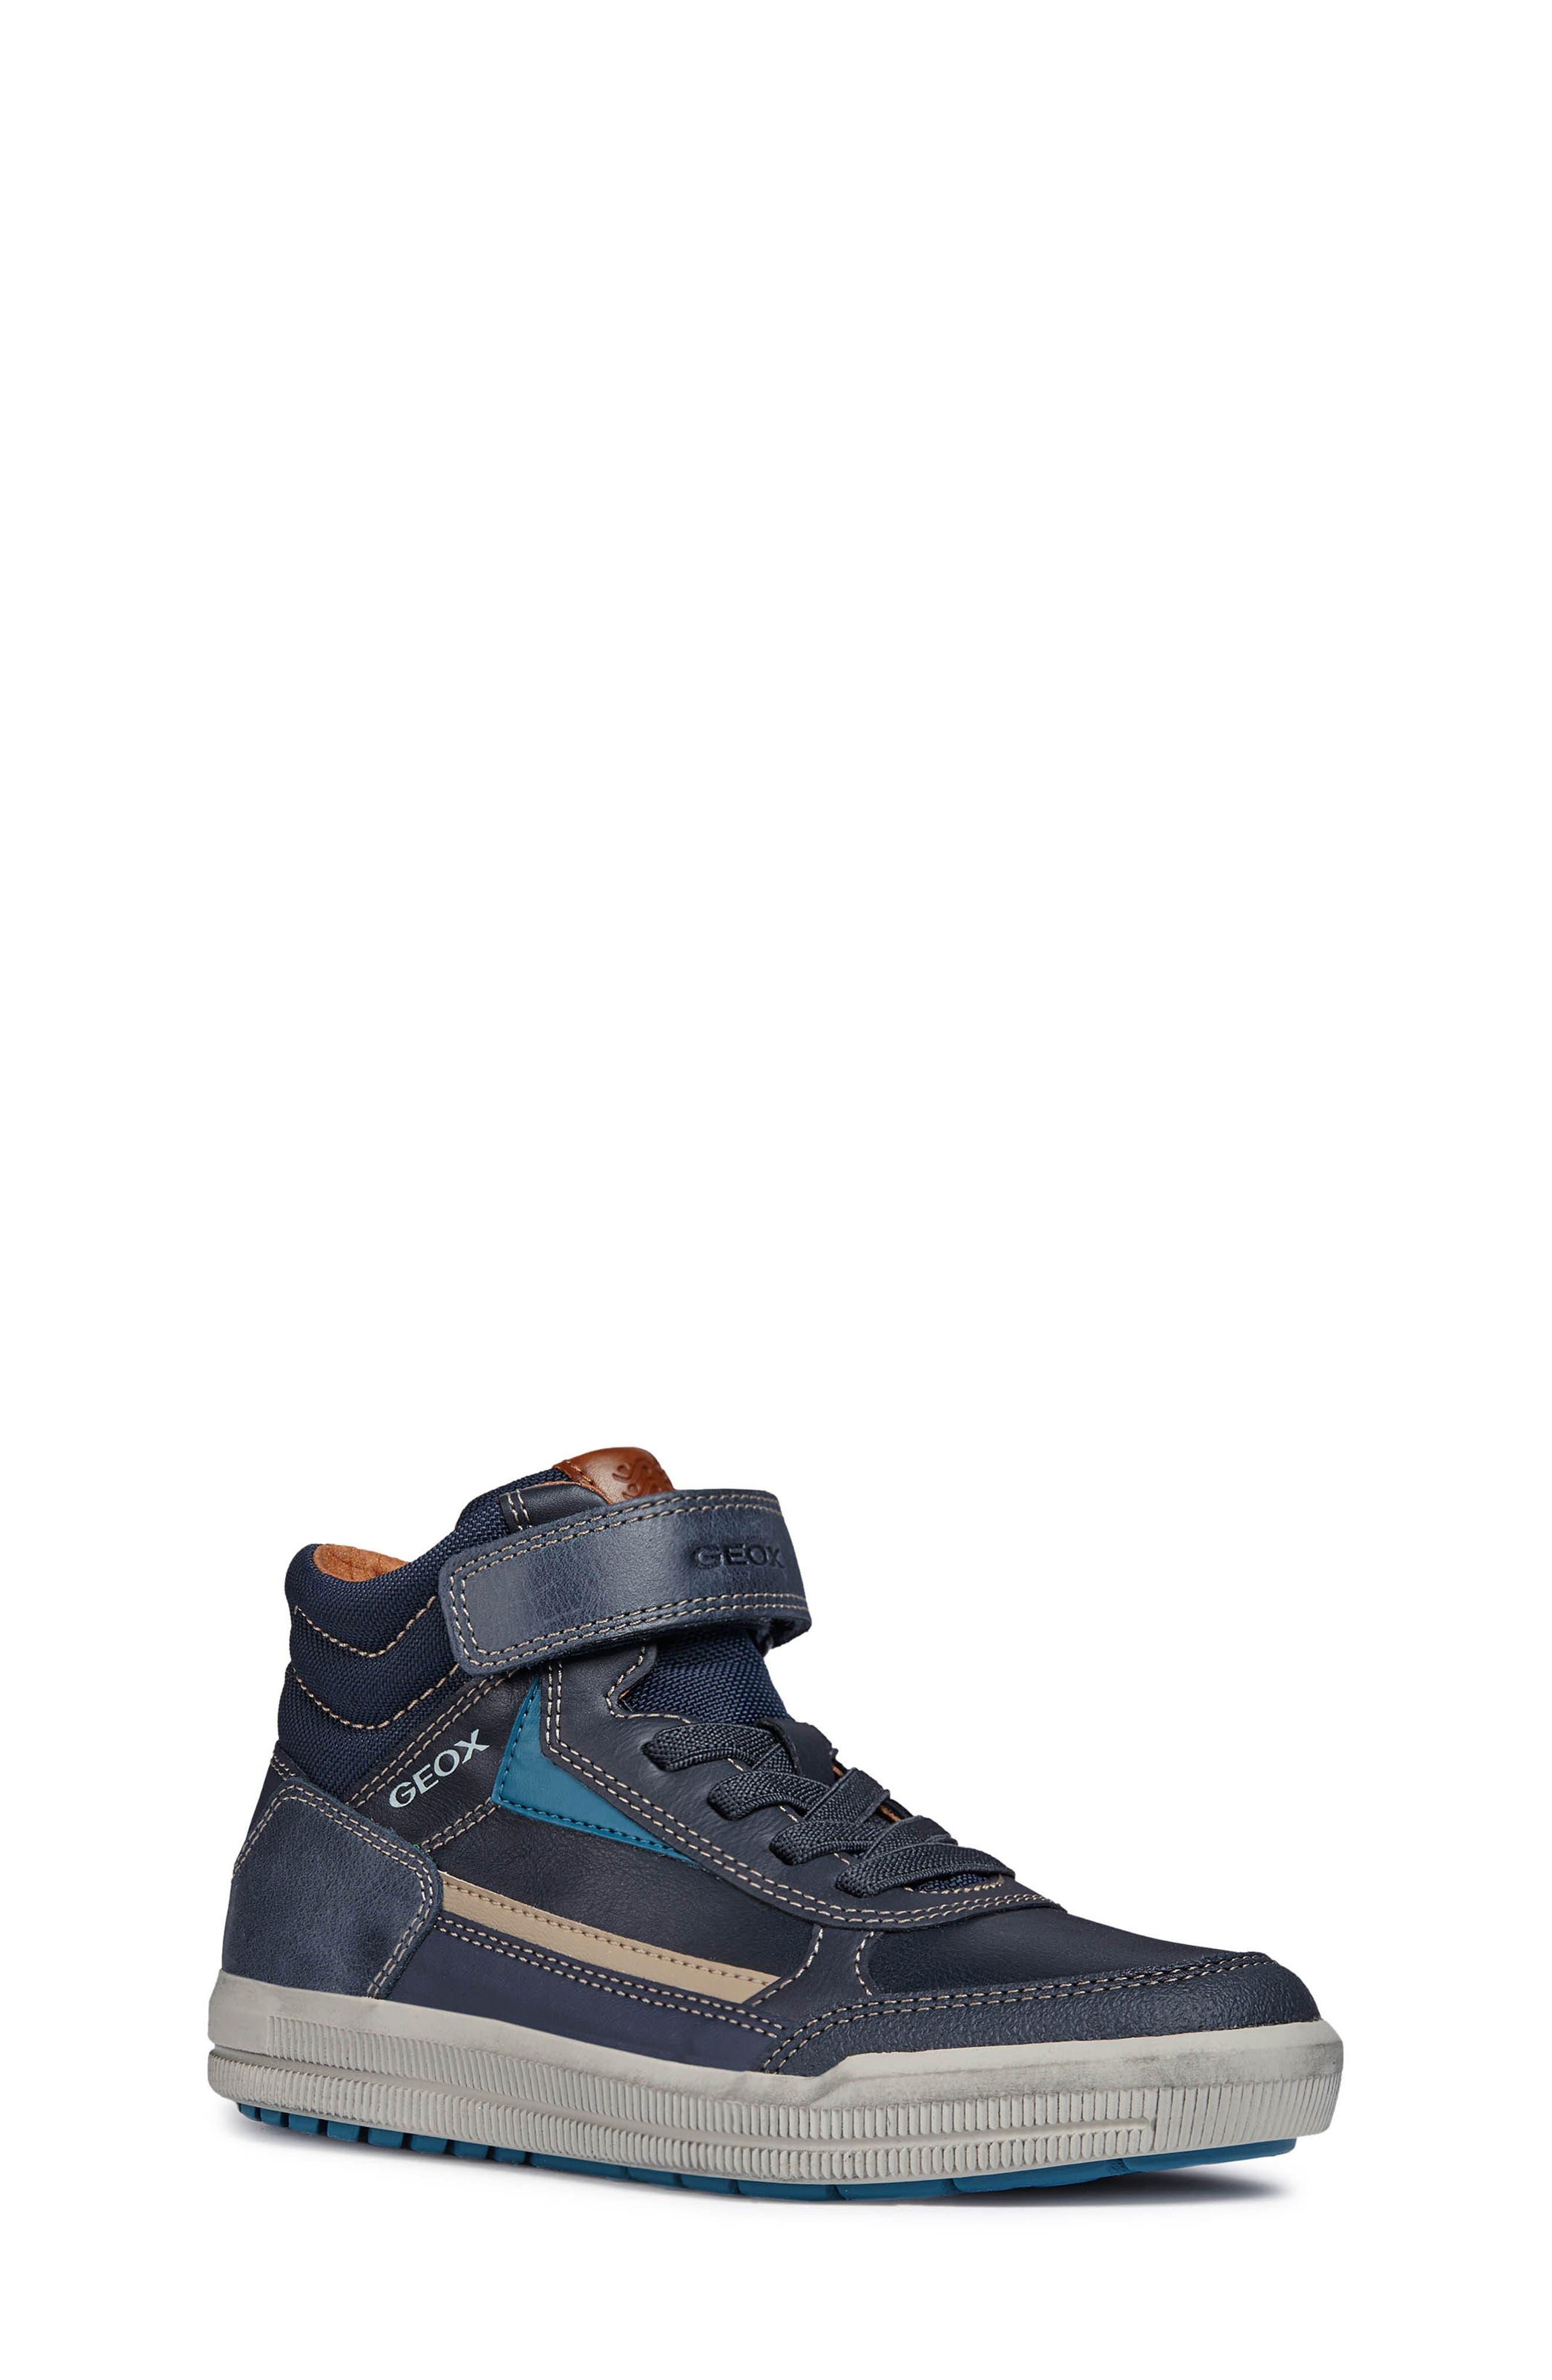 Arzach Mid Top Sneaker,                         Main,                         color, Navy/Petrol